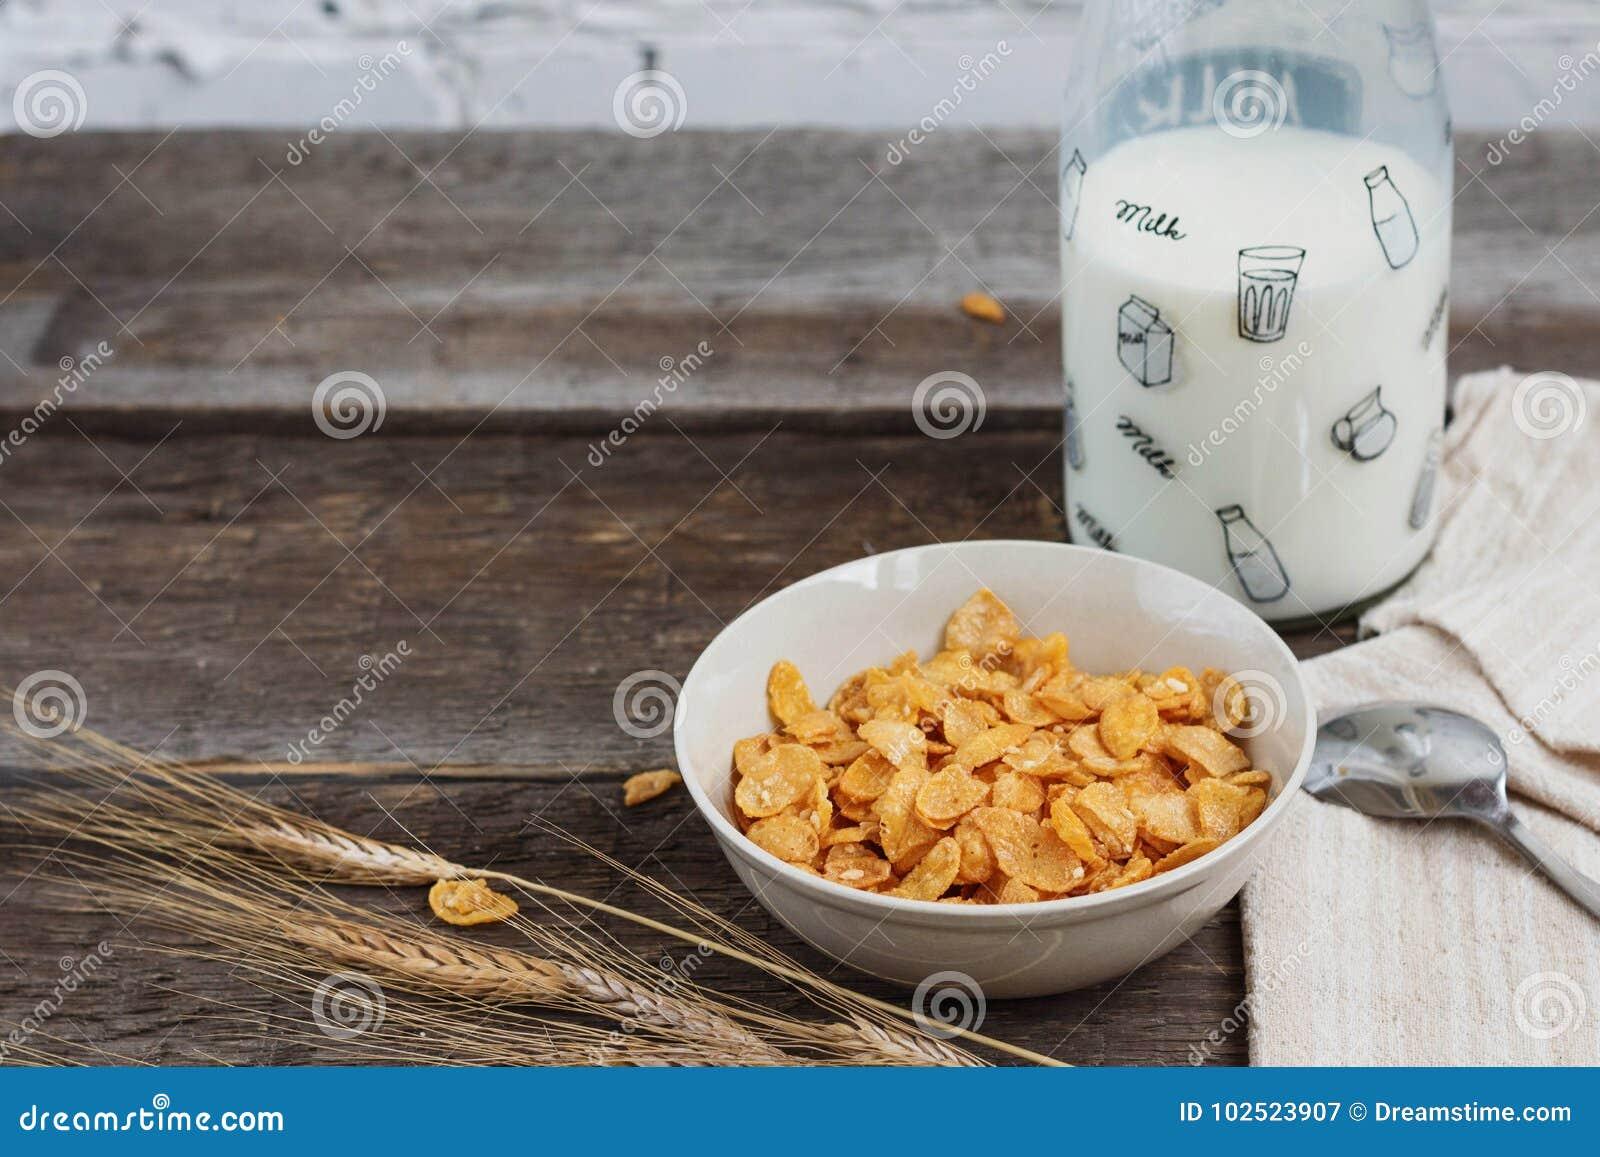 Tome o café da manhã com os flocos de milho com leite e suco de laranja em uma tabela de madeira